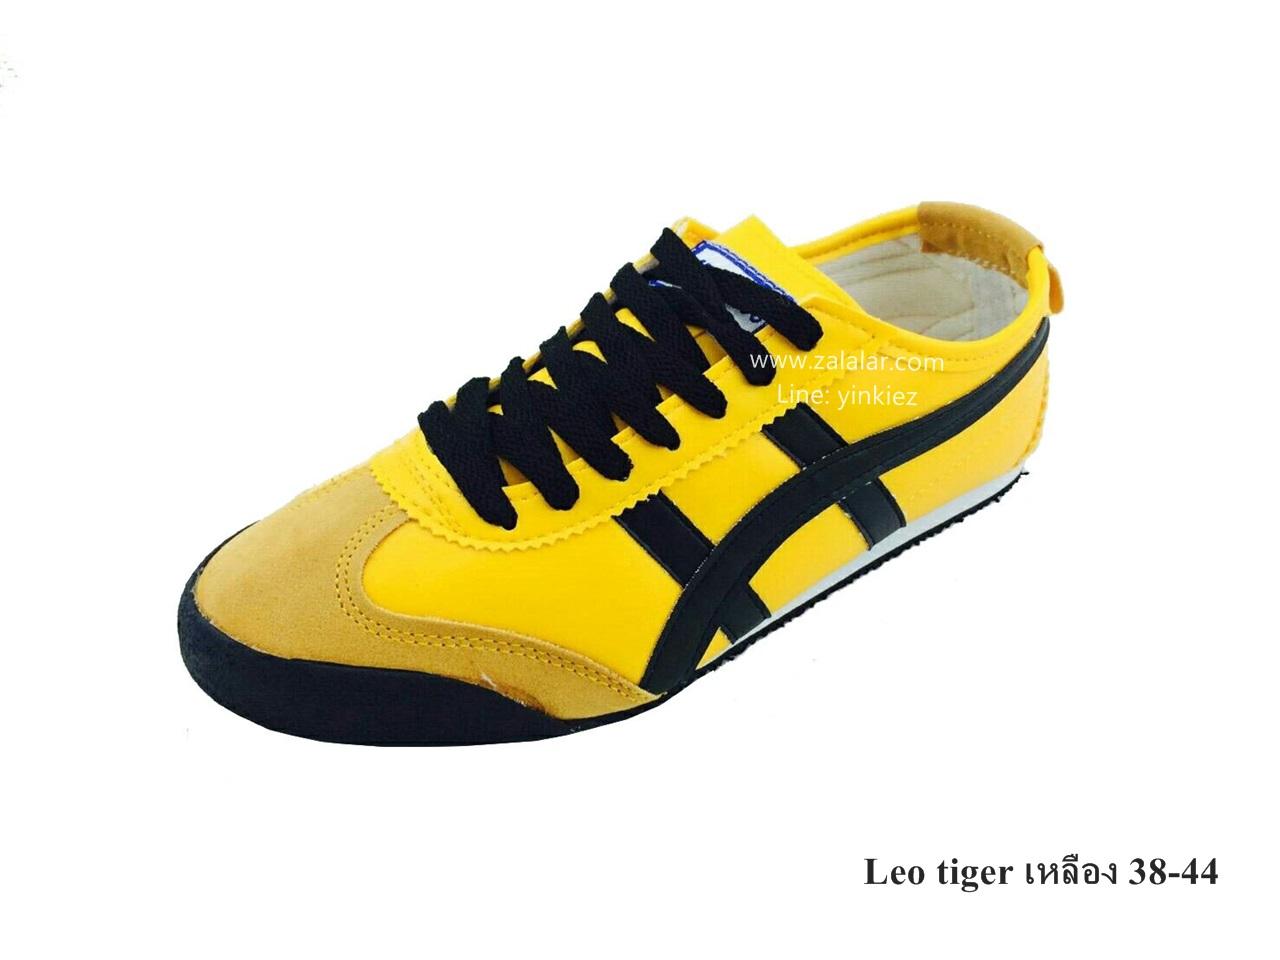 [พร้อมส่ง] รองเท้าผ้าใบแฟชั่น รุ่น Leo tiger สีเหลือง แบบหนัง